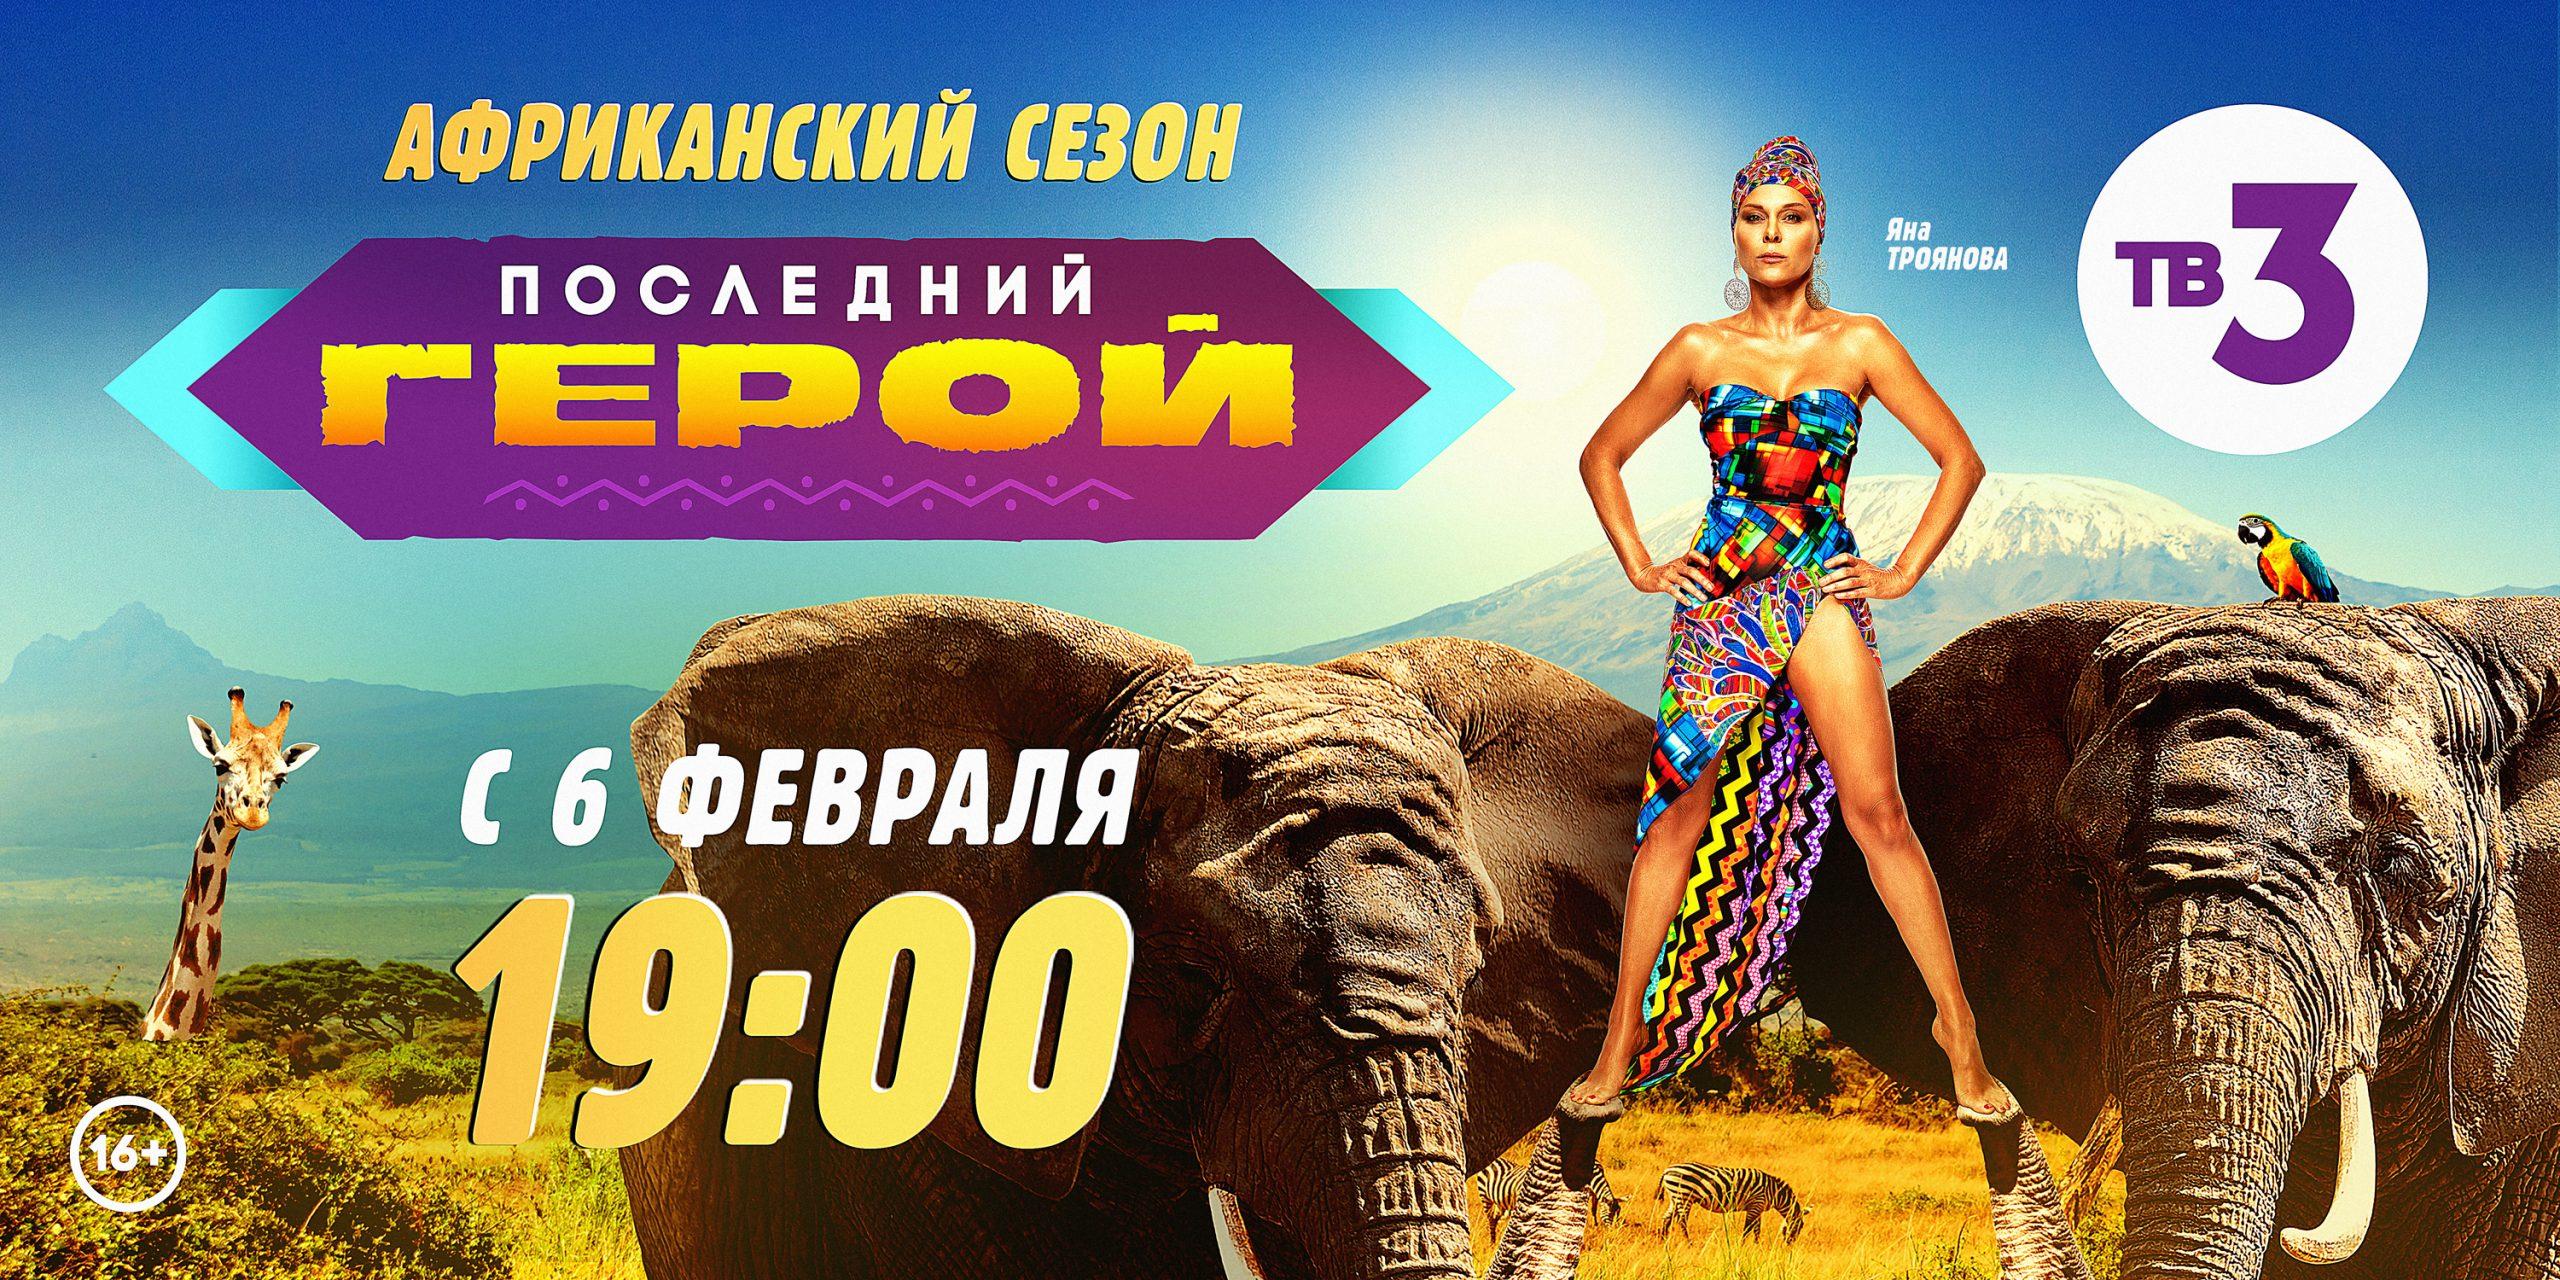 Казанцы смогут попасть на съемки финала шоу ТВ-3 «Последний герой» в Африке